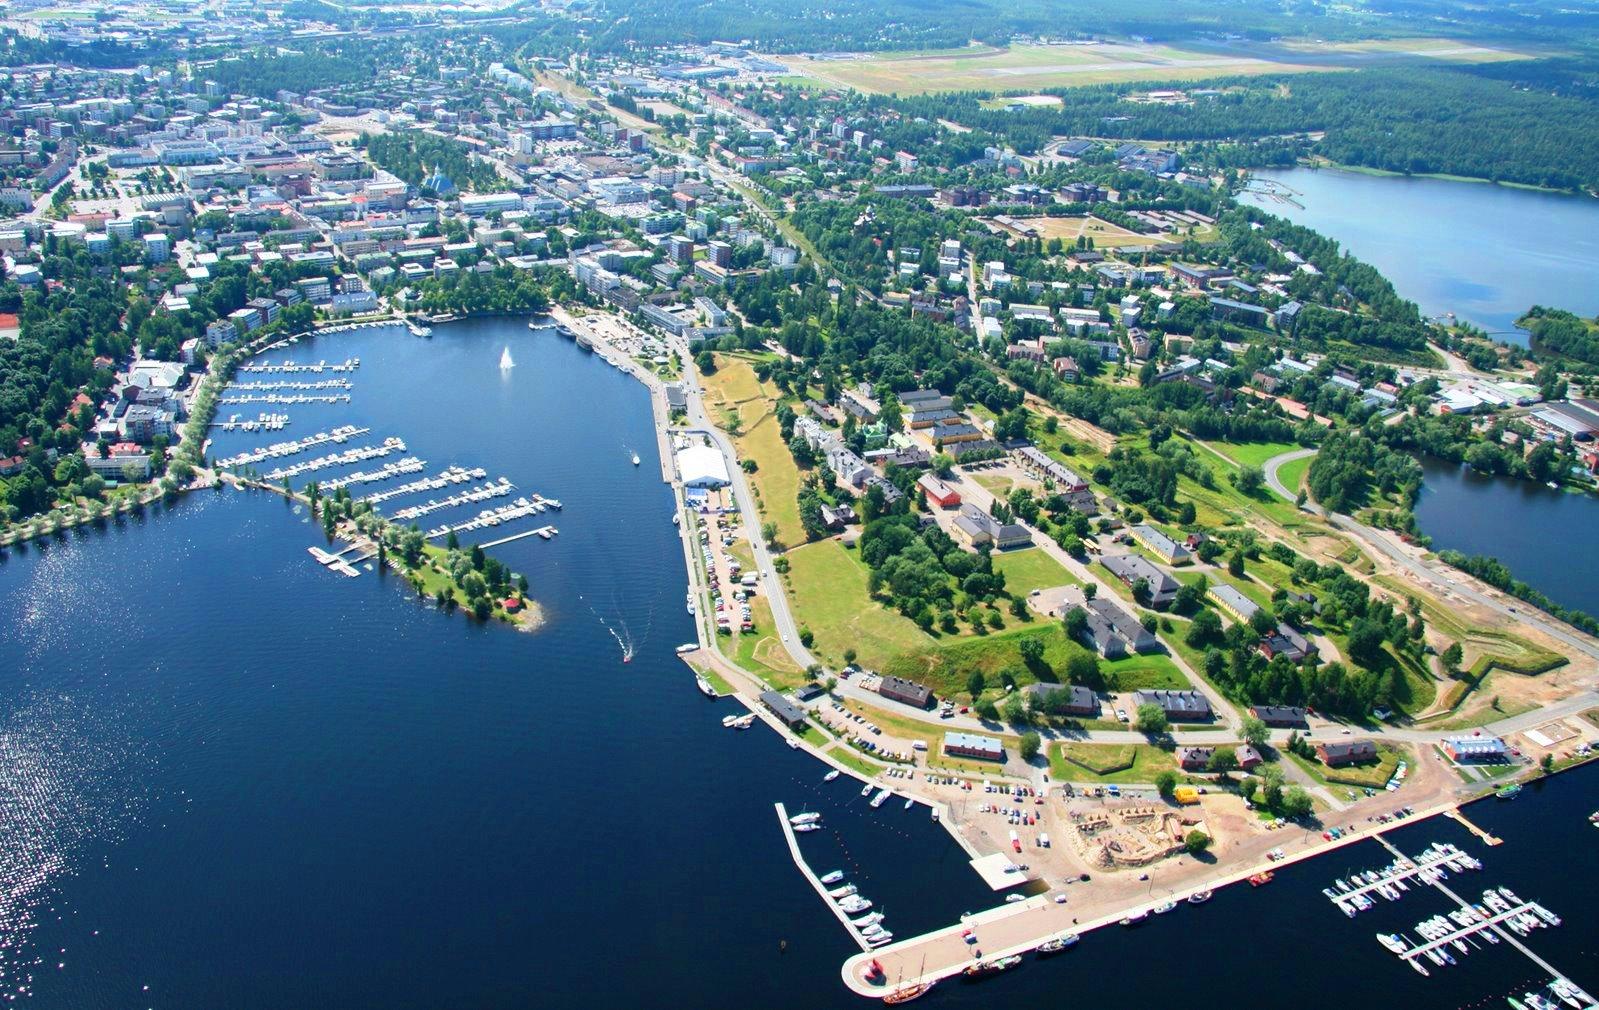 Путешествие_и_шоп_туры_по_Финляндии